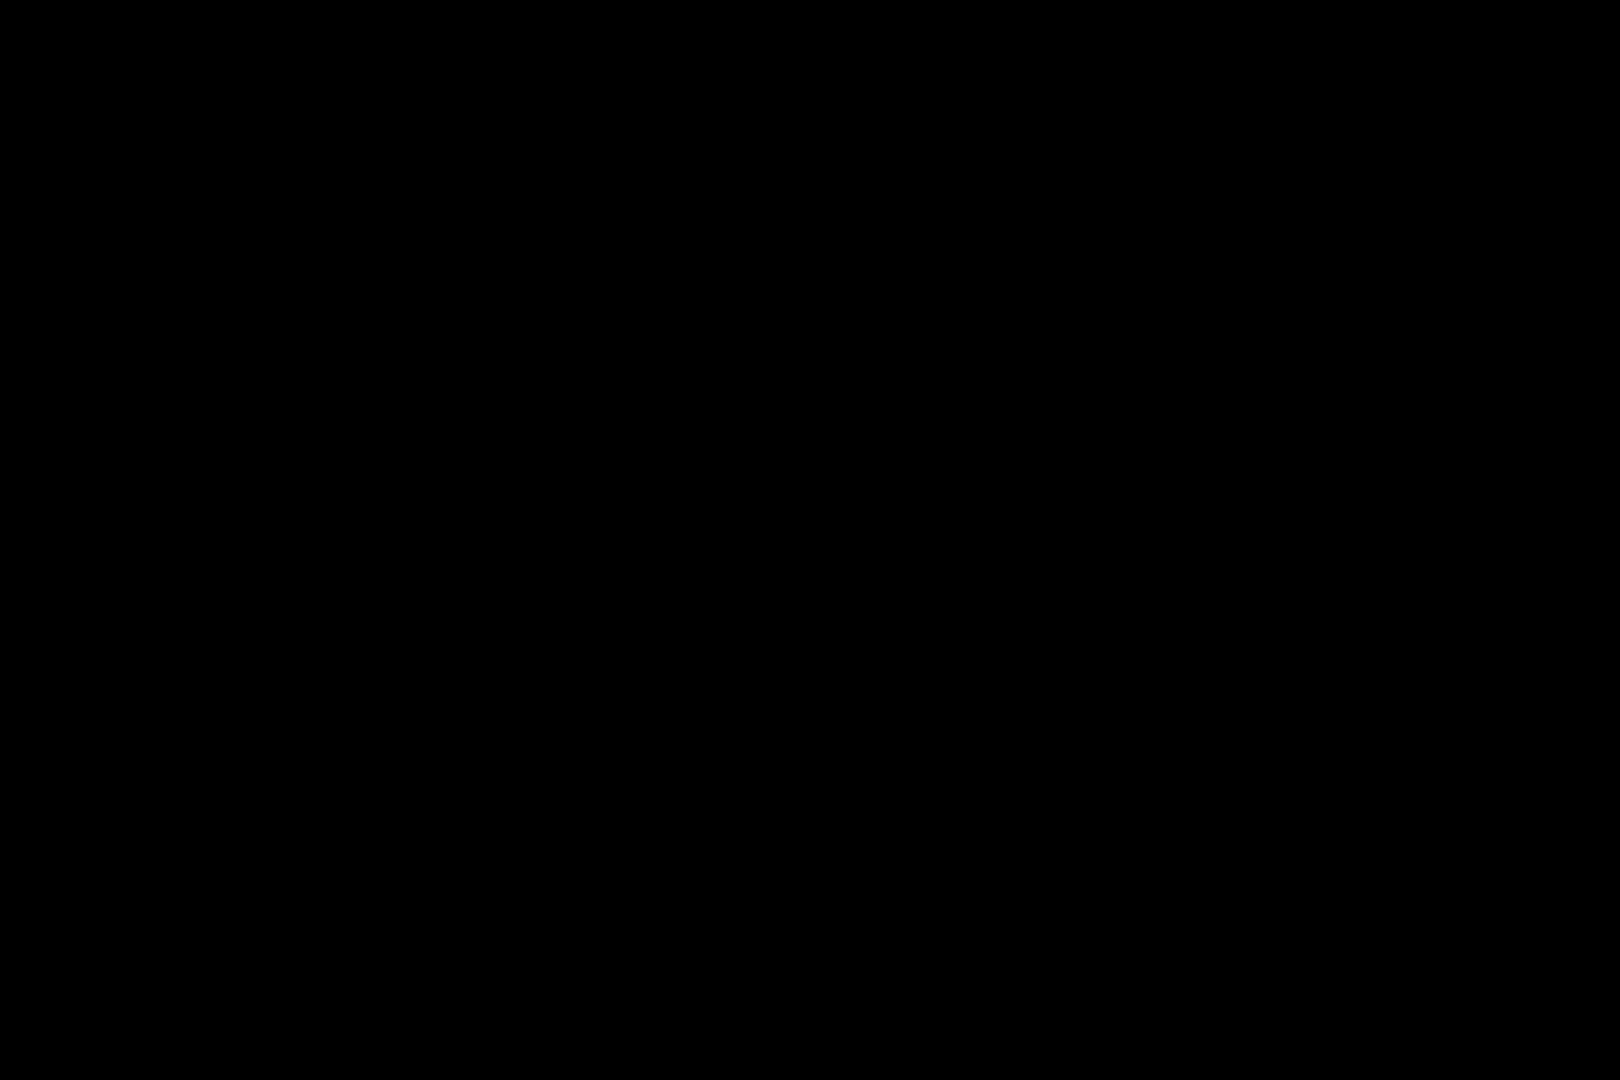 充血監督の深夜の運動会Vol.130 カップル セックス画像 99pic 54